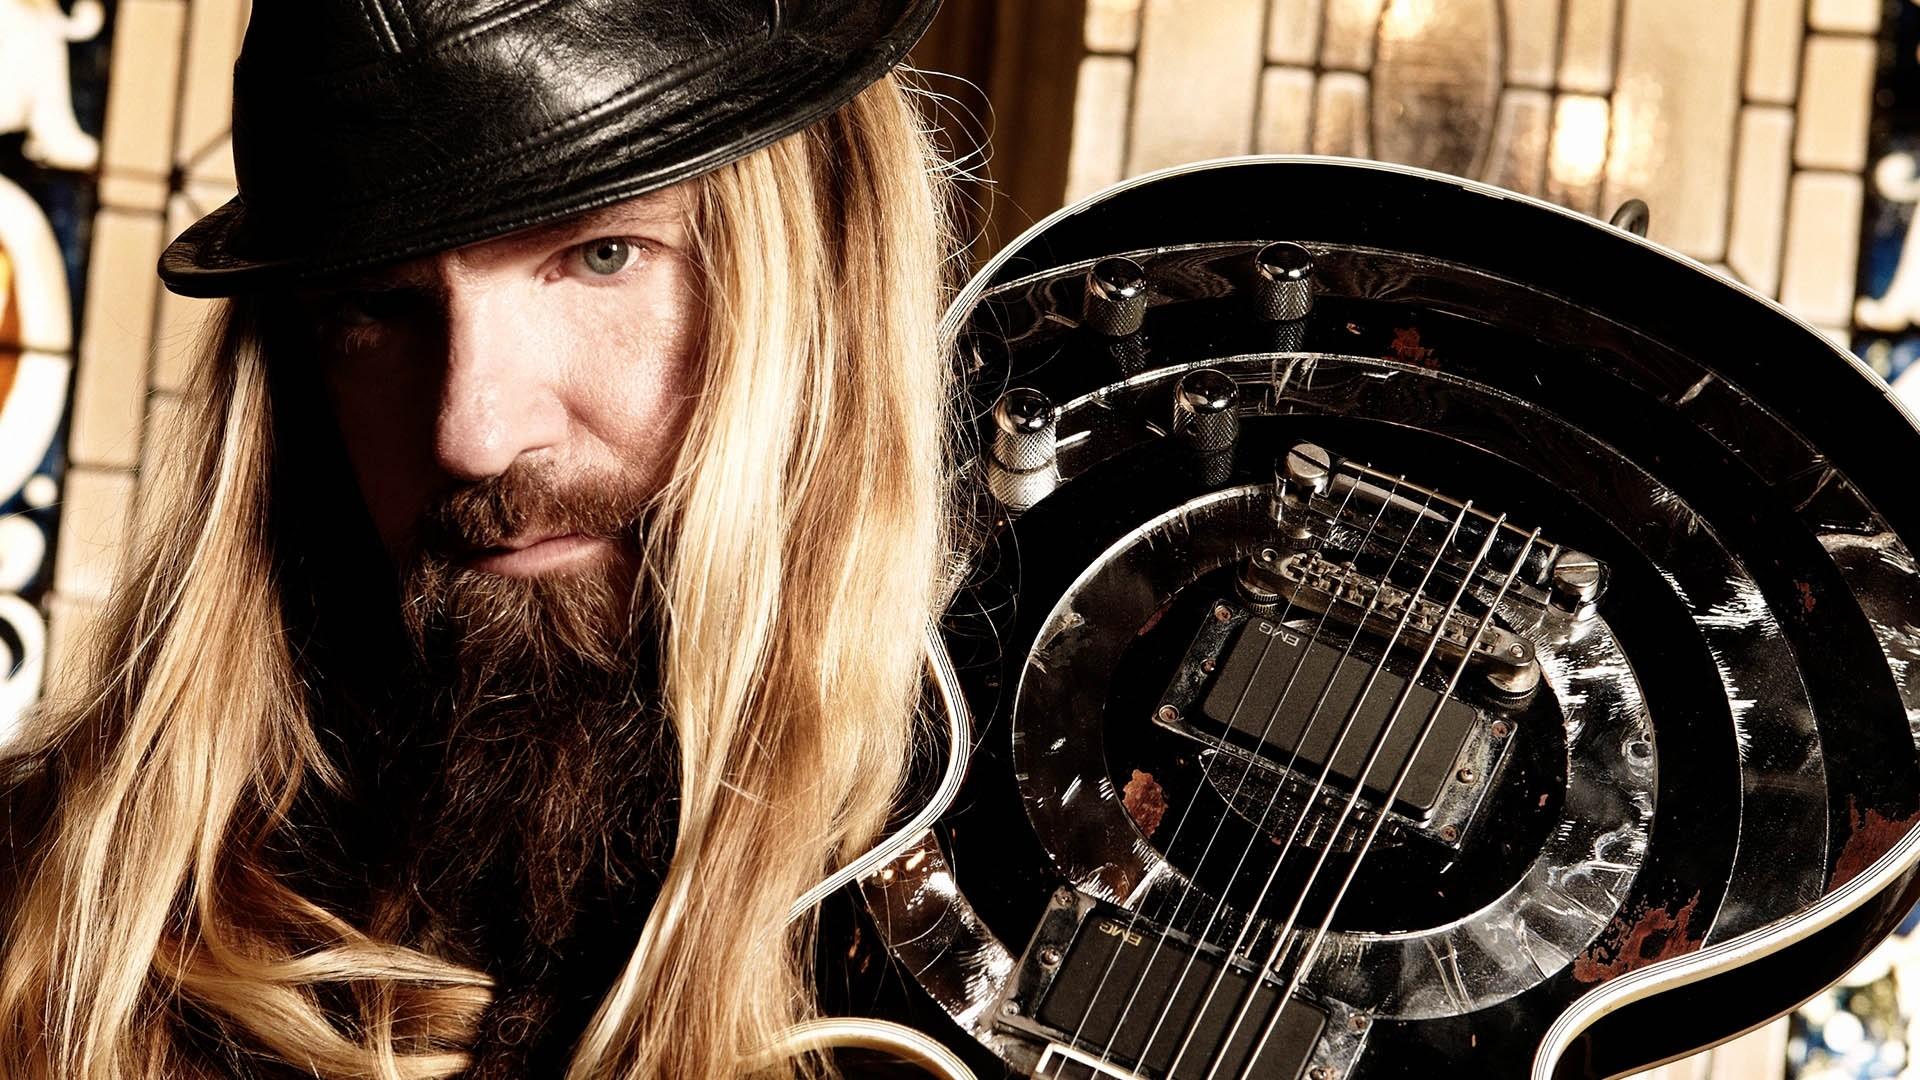 Wallpaper zakk wylde guitar hat hair beard